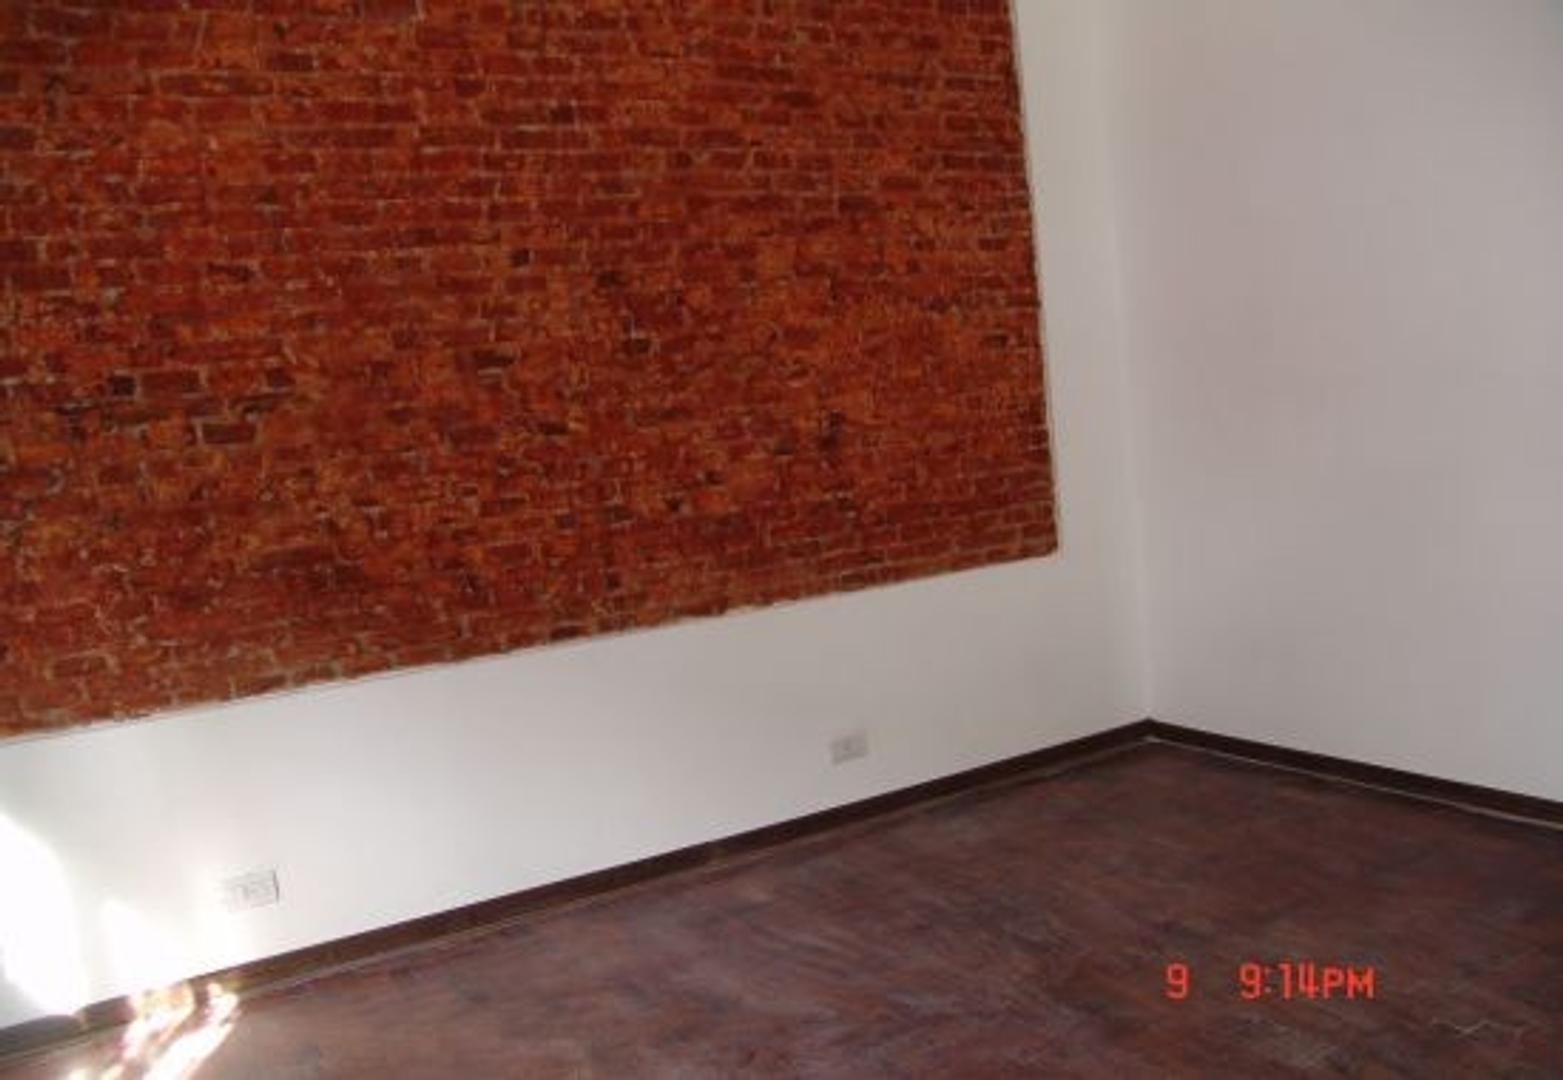 Ph - 80 m² | 3 dormitorios | 45 años